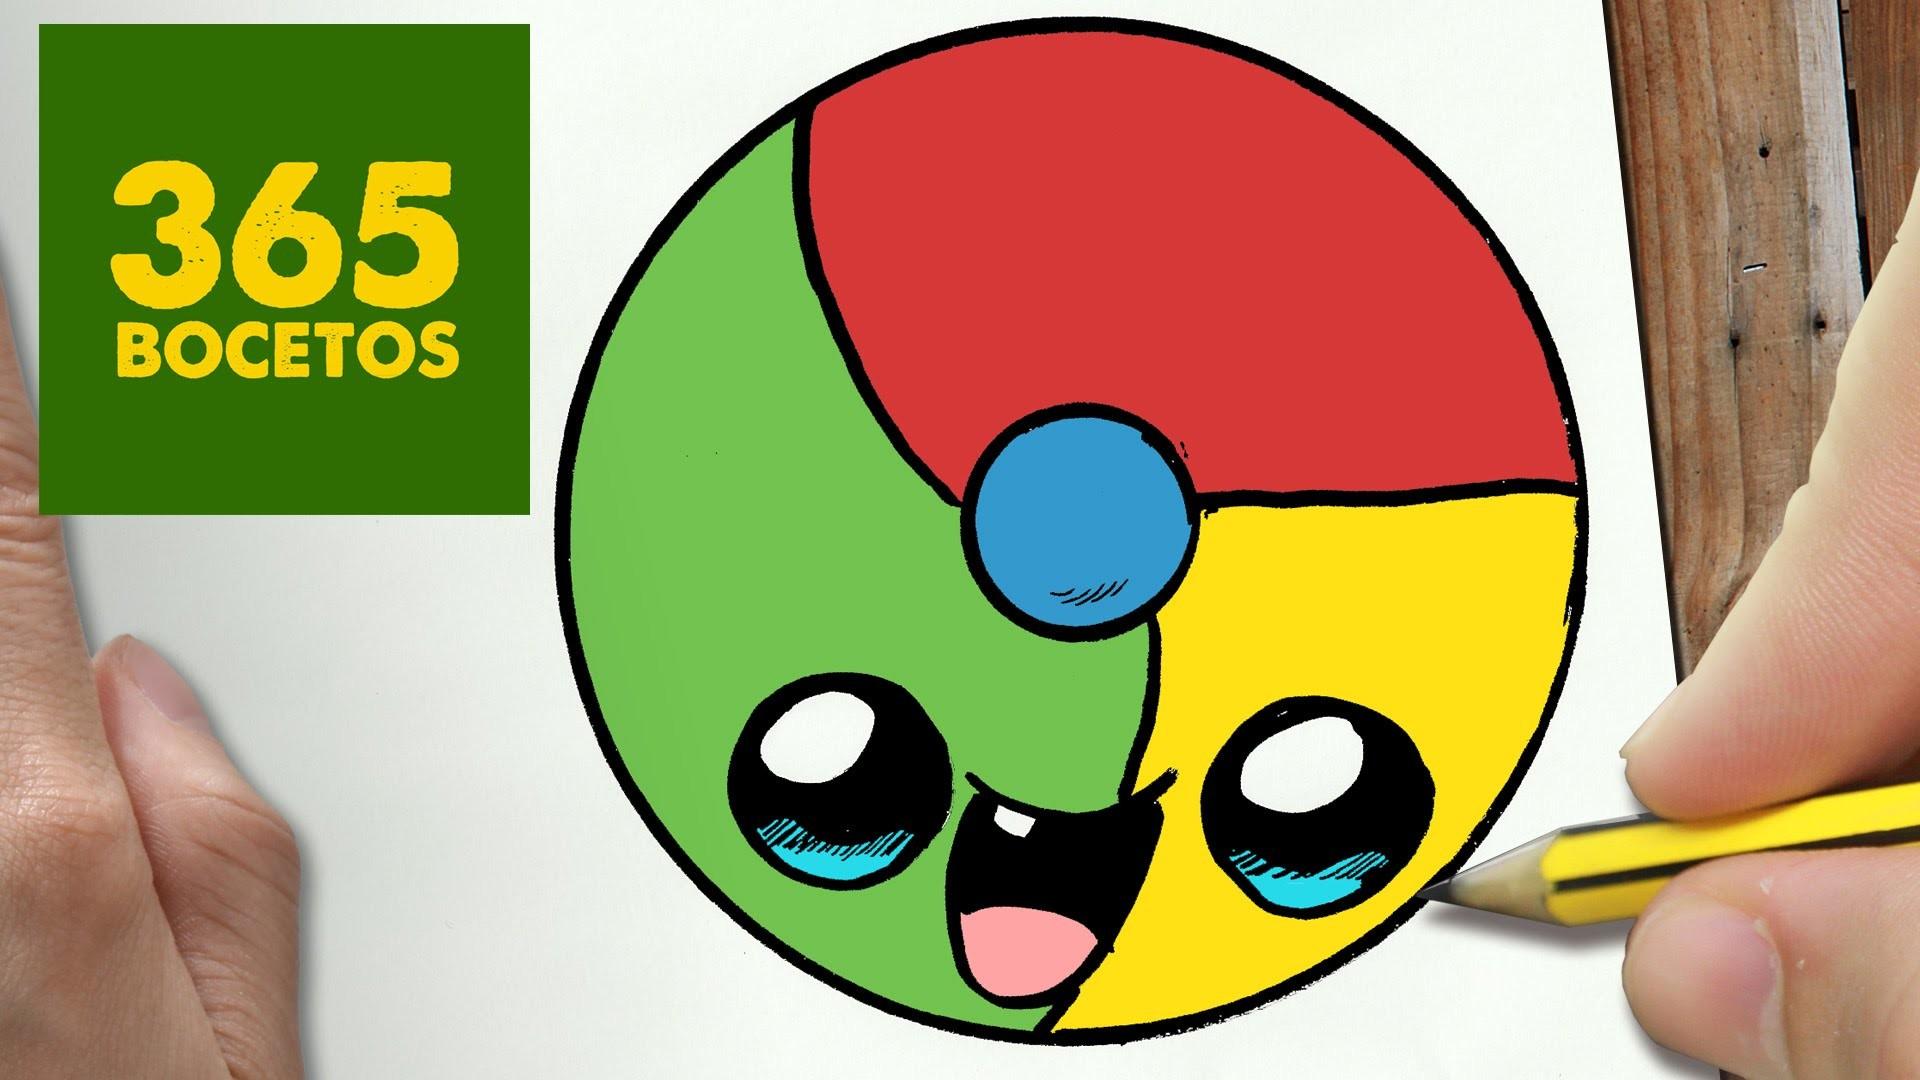 COMO DIBUJAR LOGO CHROME KAWAII PASO A PASO - Dibujos kawaii faciles - How to draw a Logo Chrome